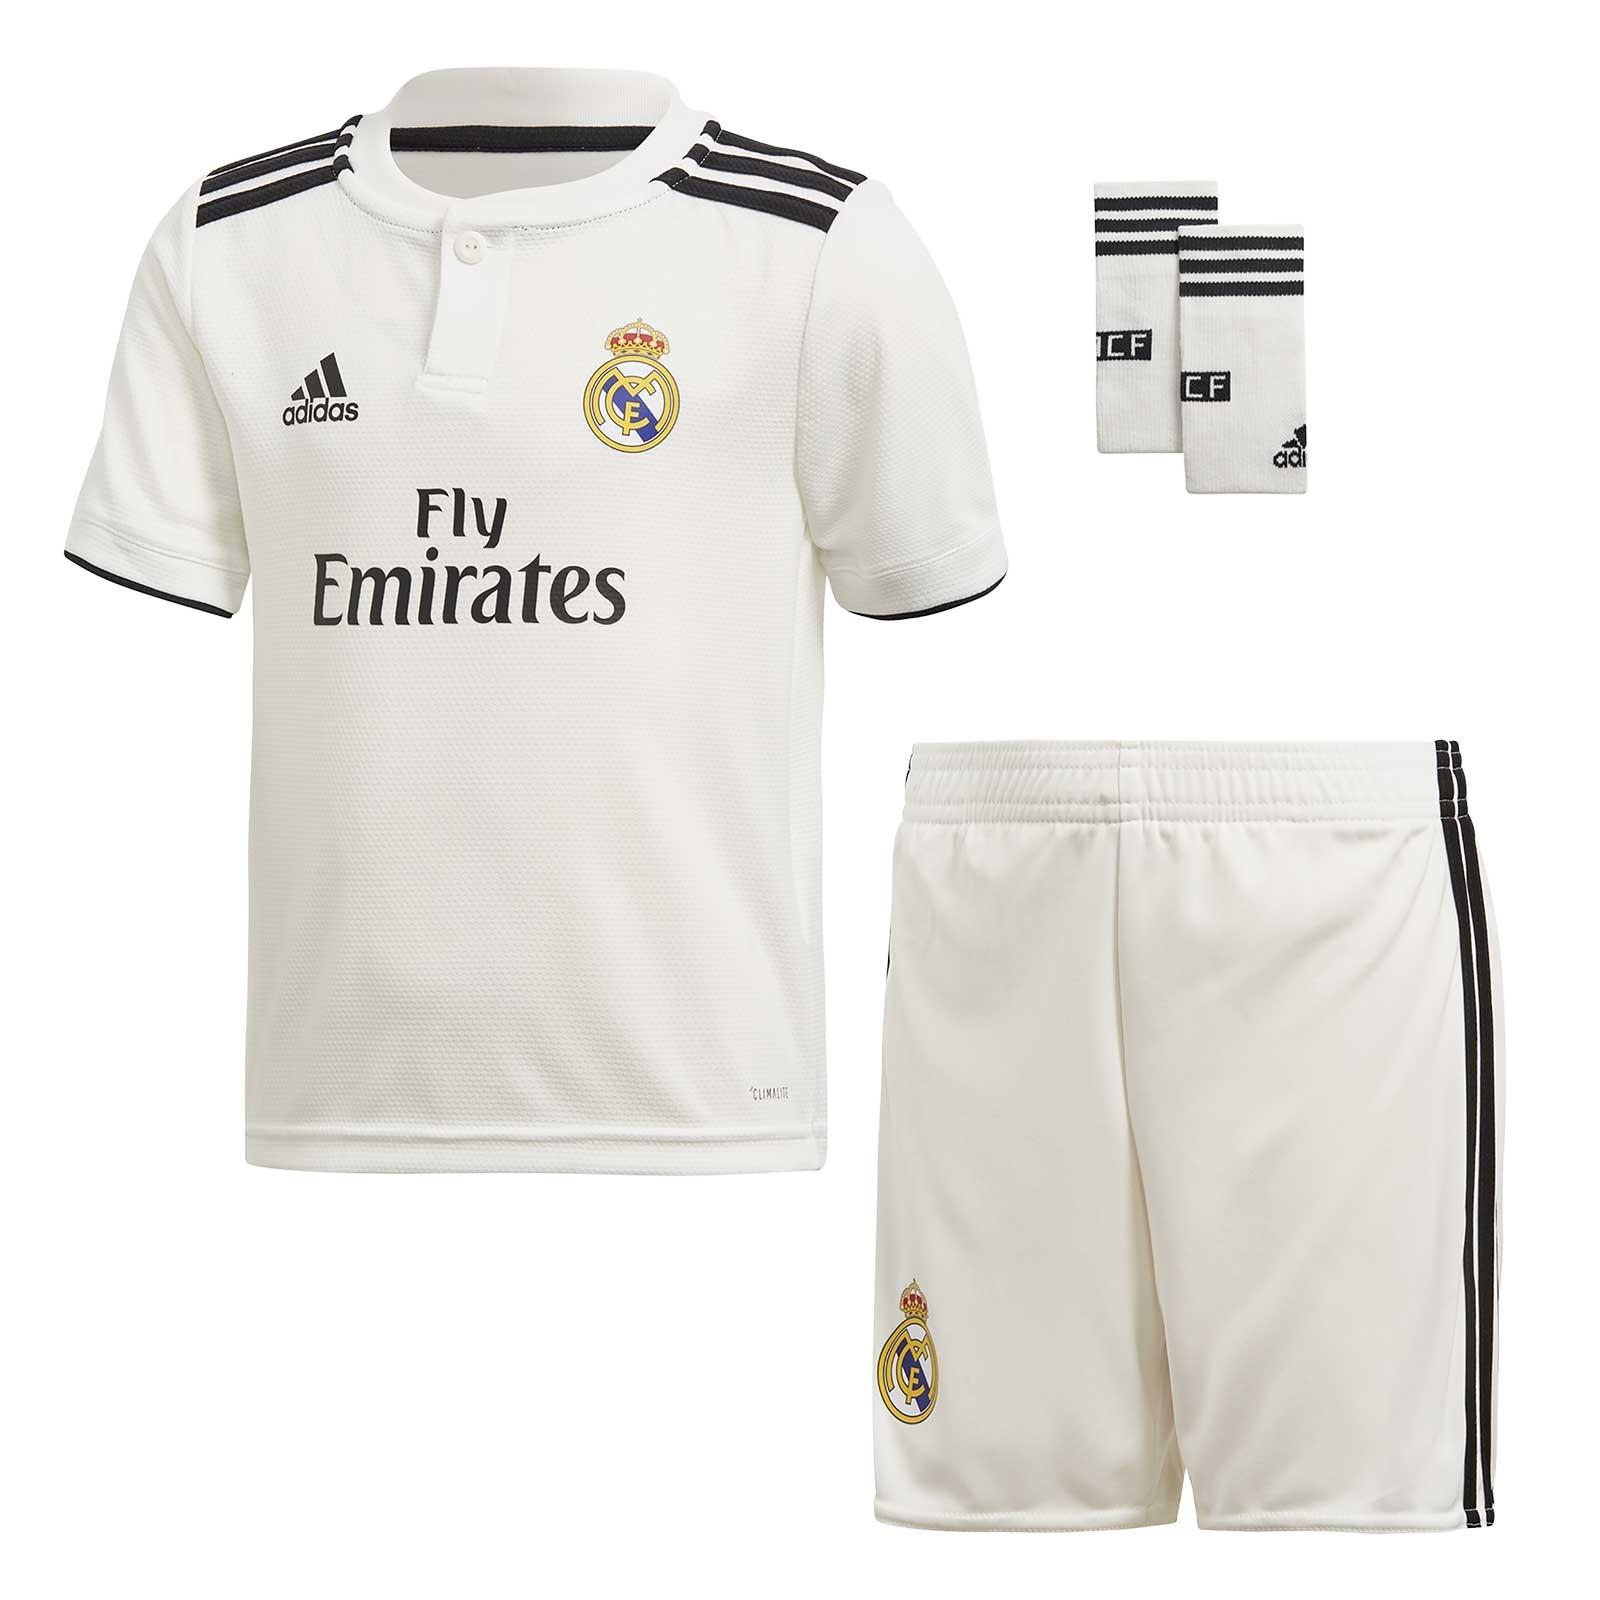 4912212a50166 CONJUNTO ADIDAS REAL MADRID JUNIOR T18 19 CG0553 - Deportes Liverpool